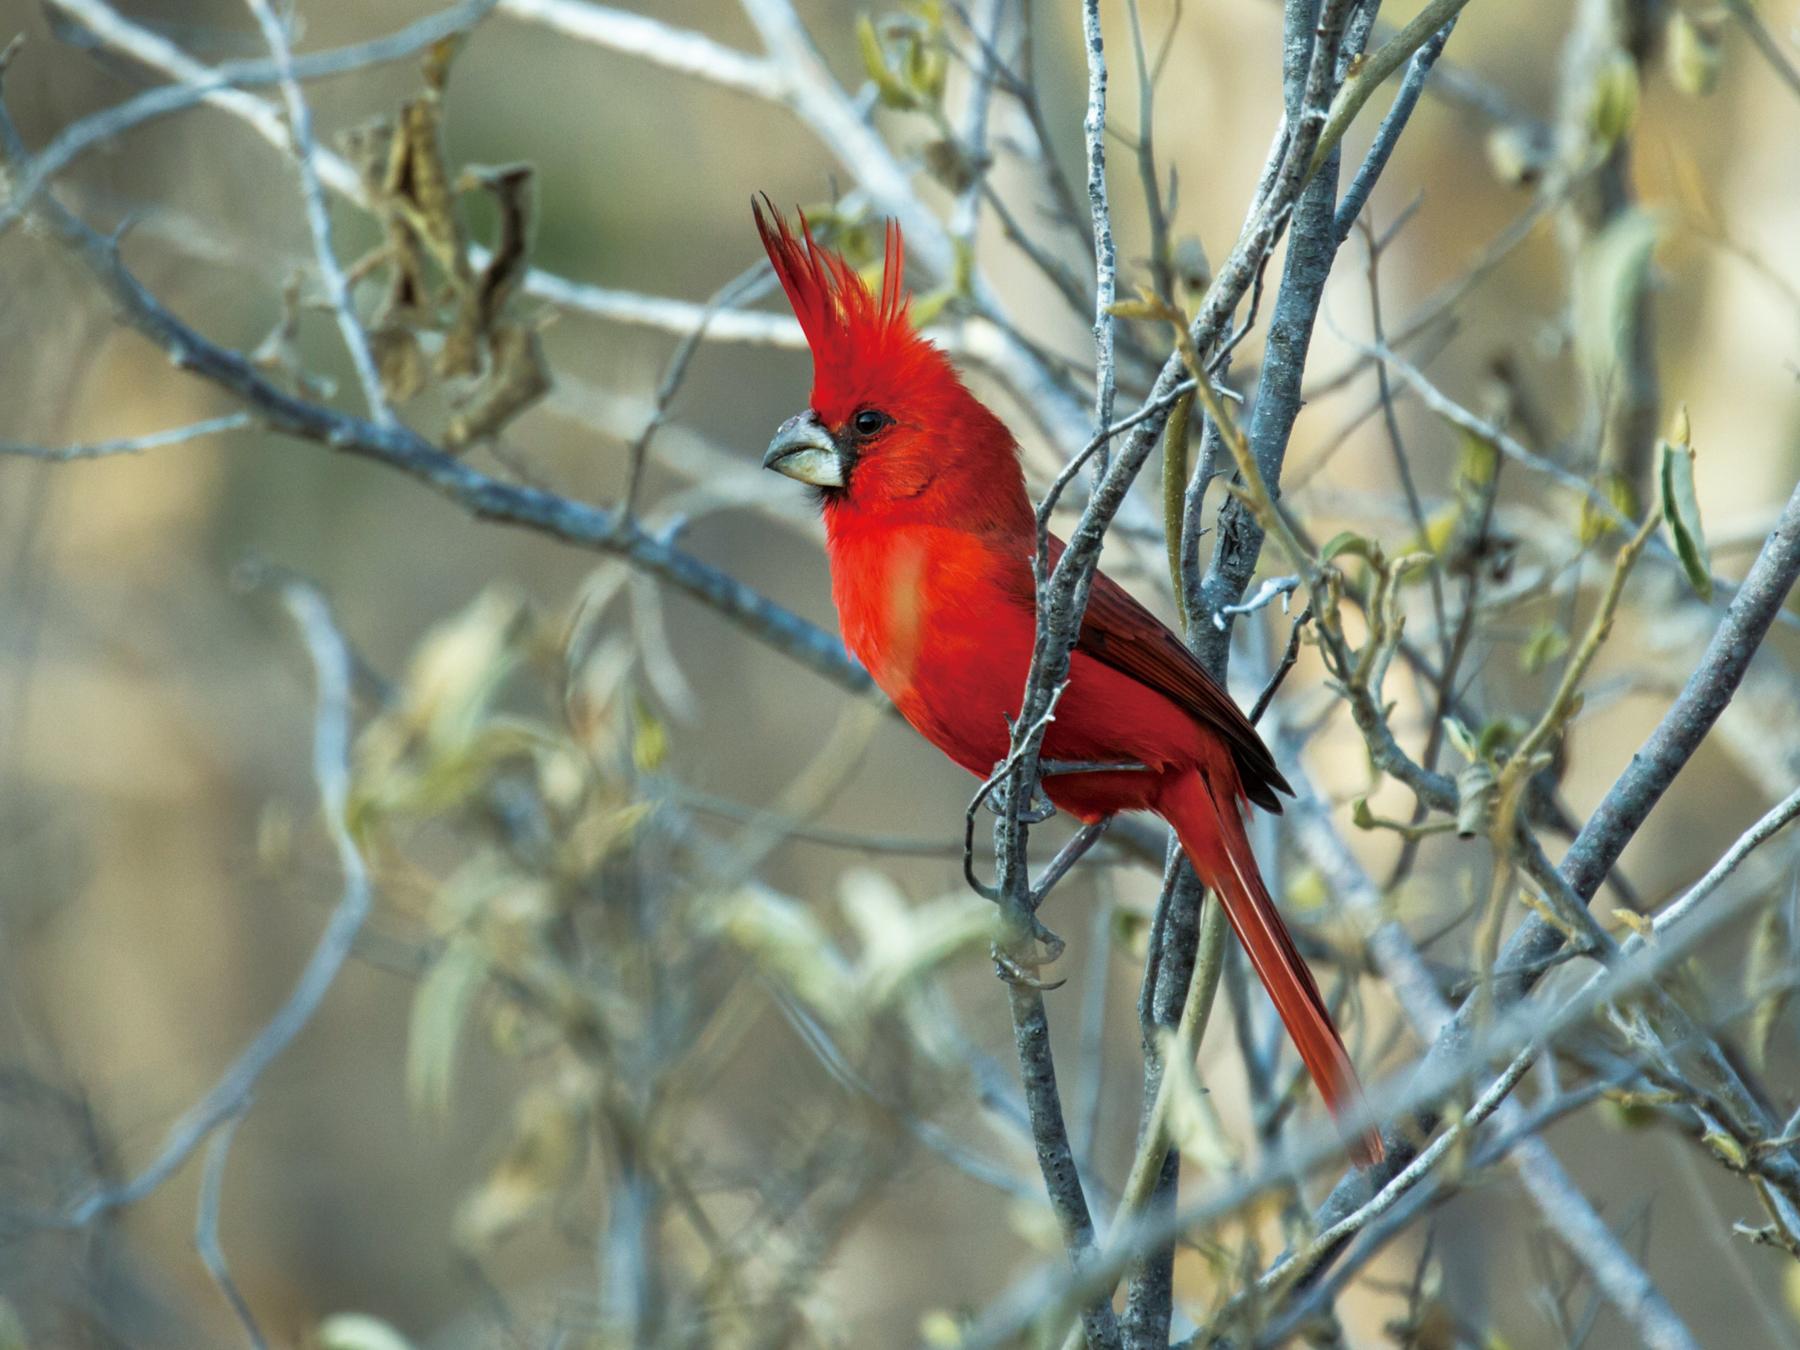 真紅色のミナミショウジョウコウカンチョウの雄